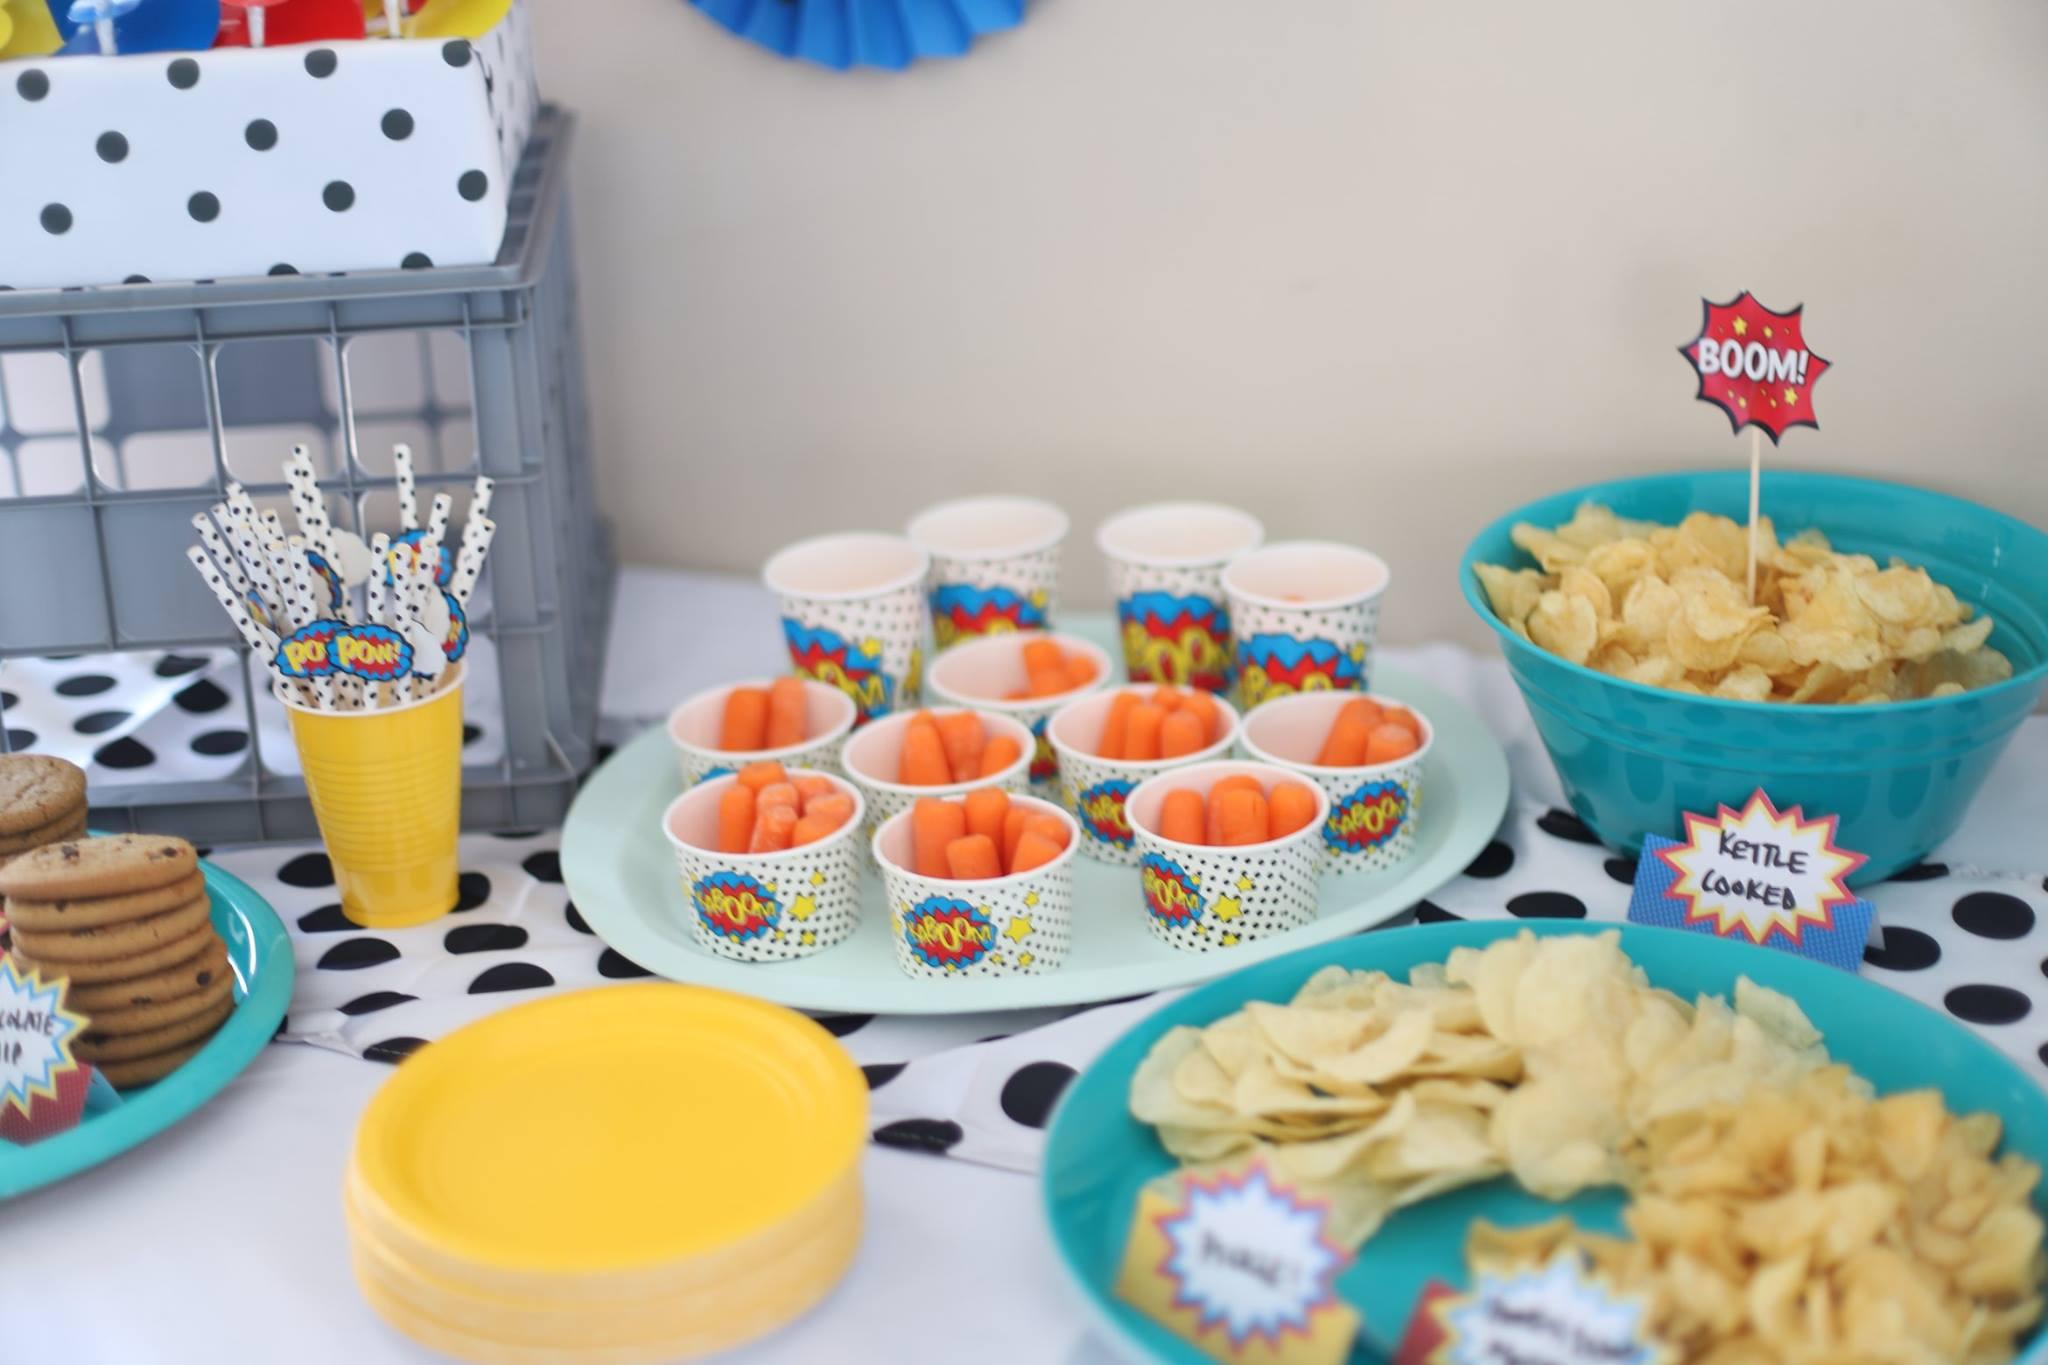 034_superhero_party_food.jpg